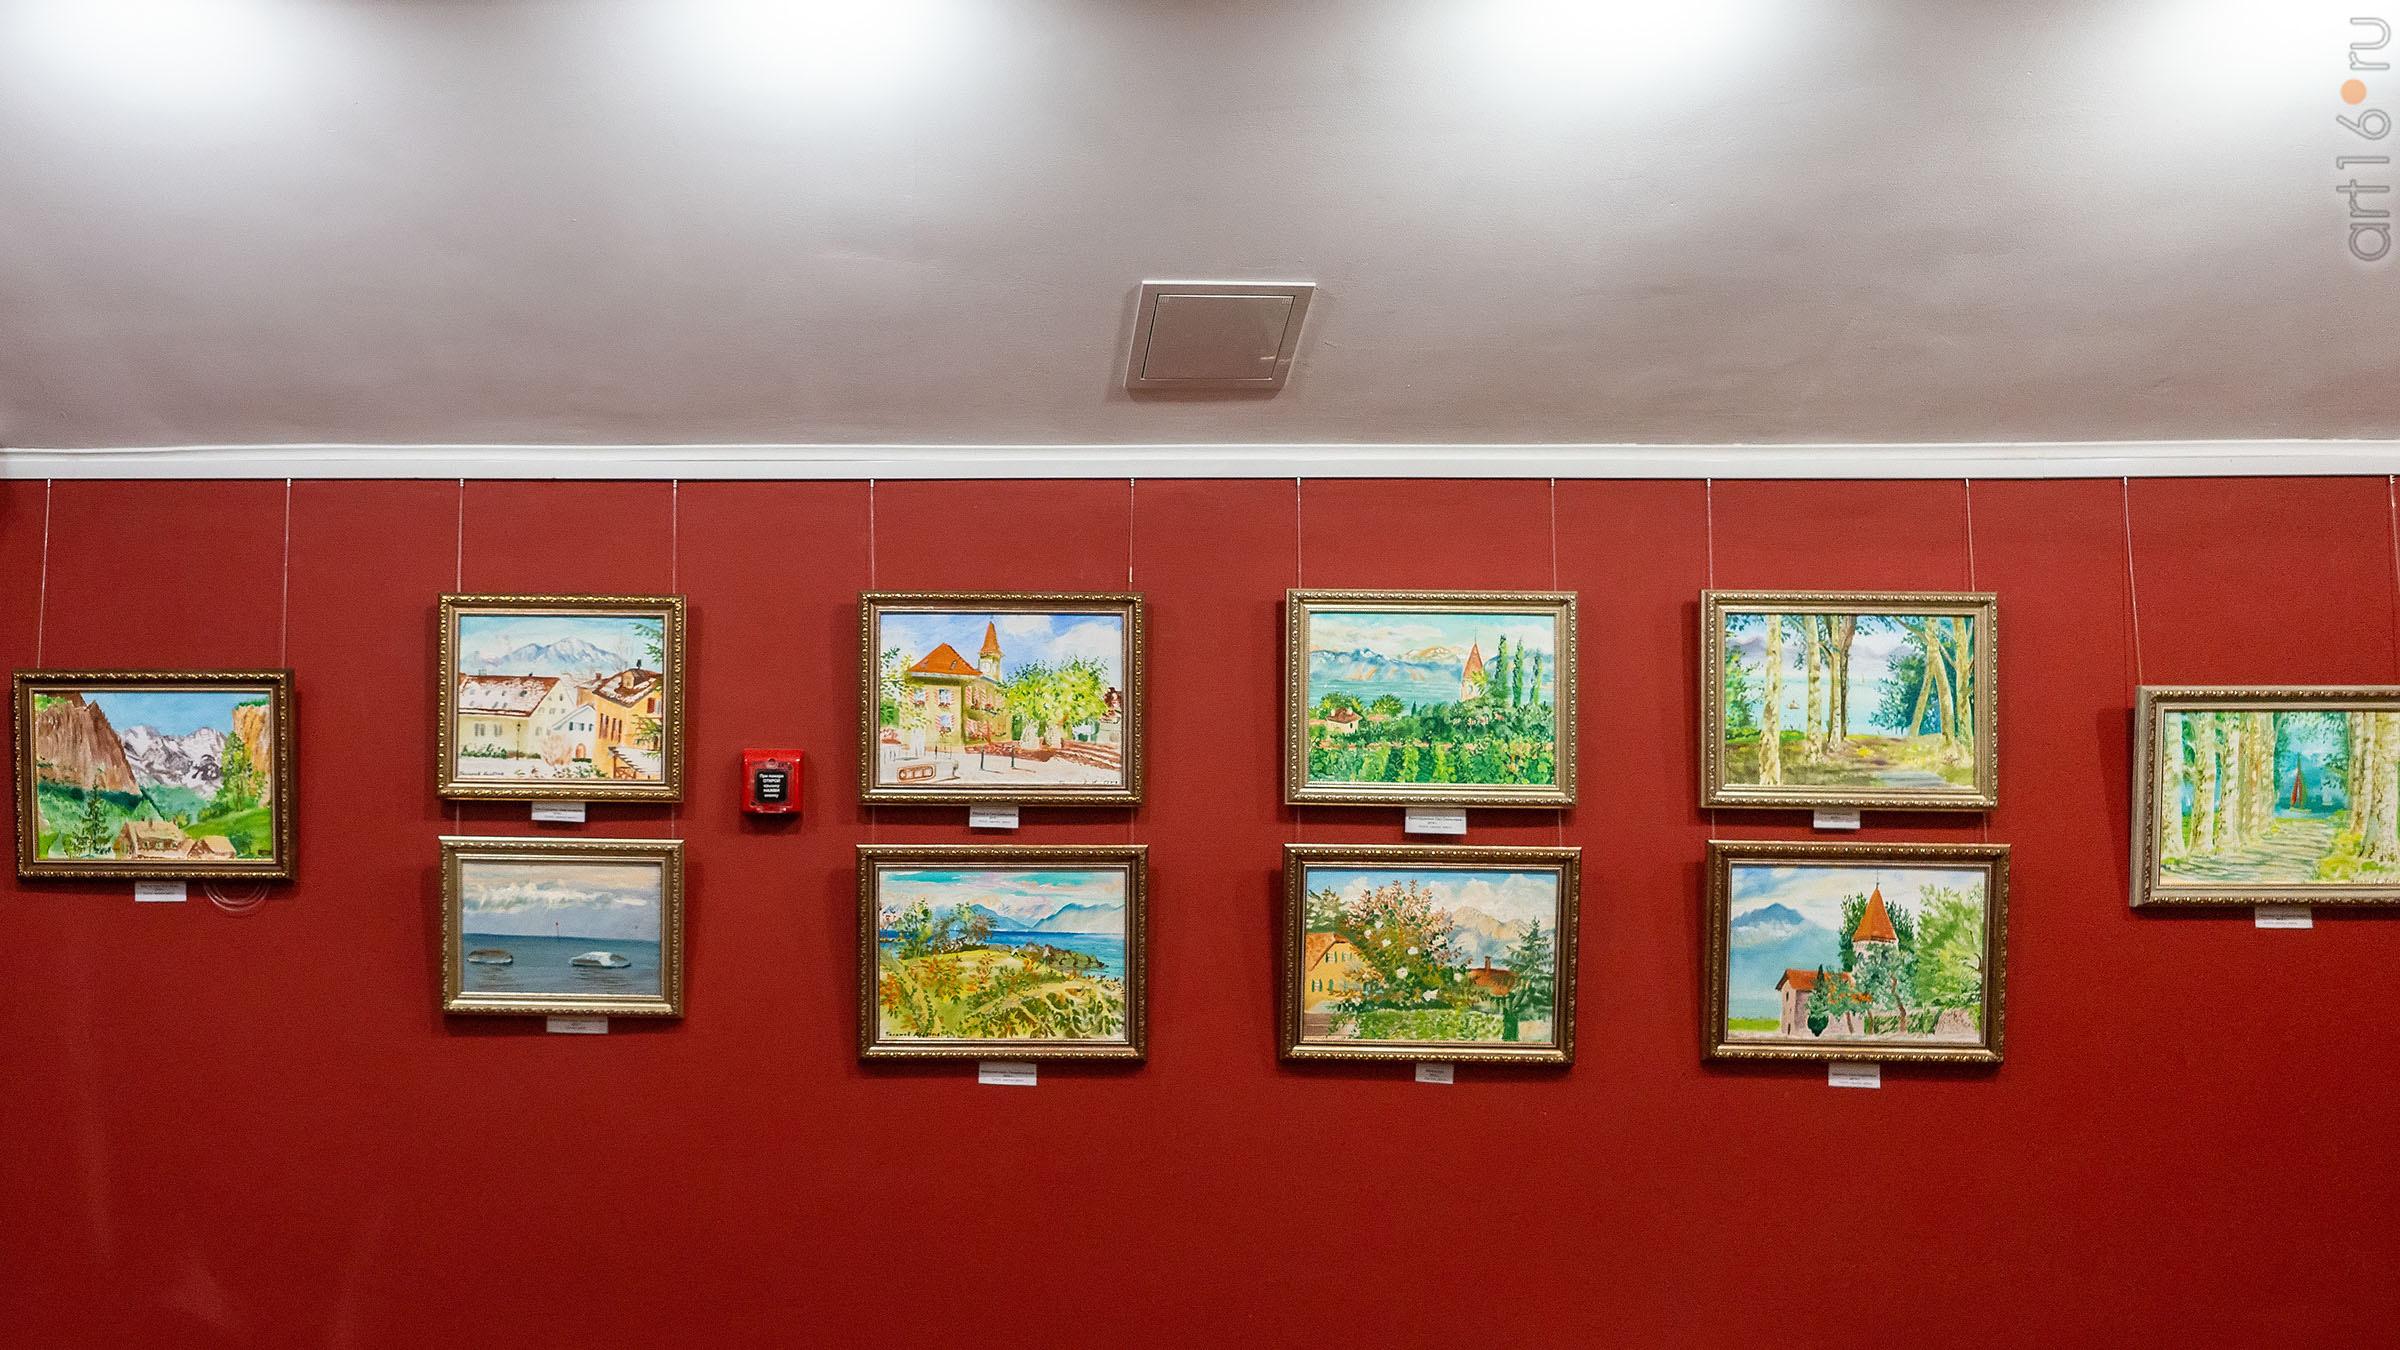 Фрагмент экспозиции выставки Альберта Галимова в Доме-музее Ленина::Альберт Галимов. Выставка «Швейцарские часы»